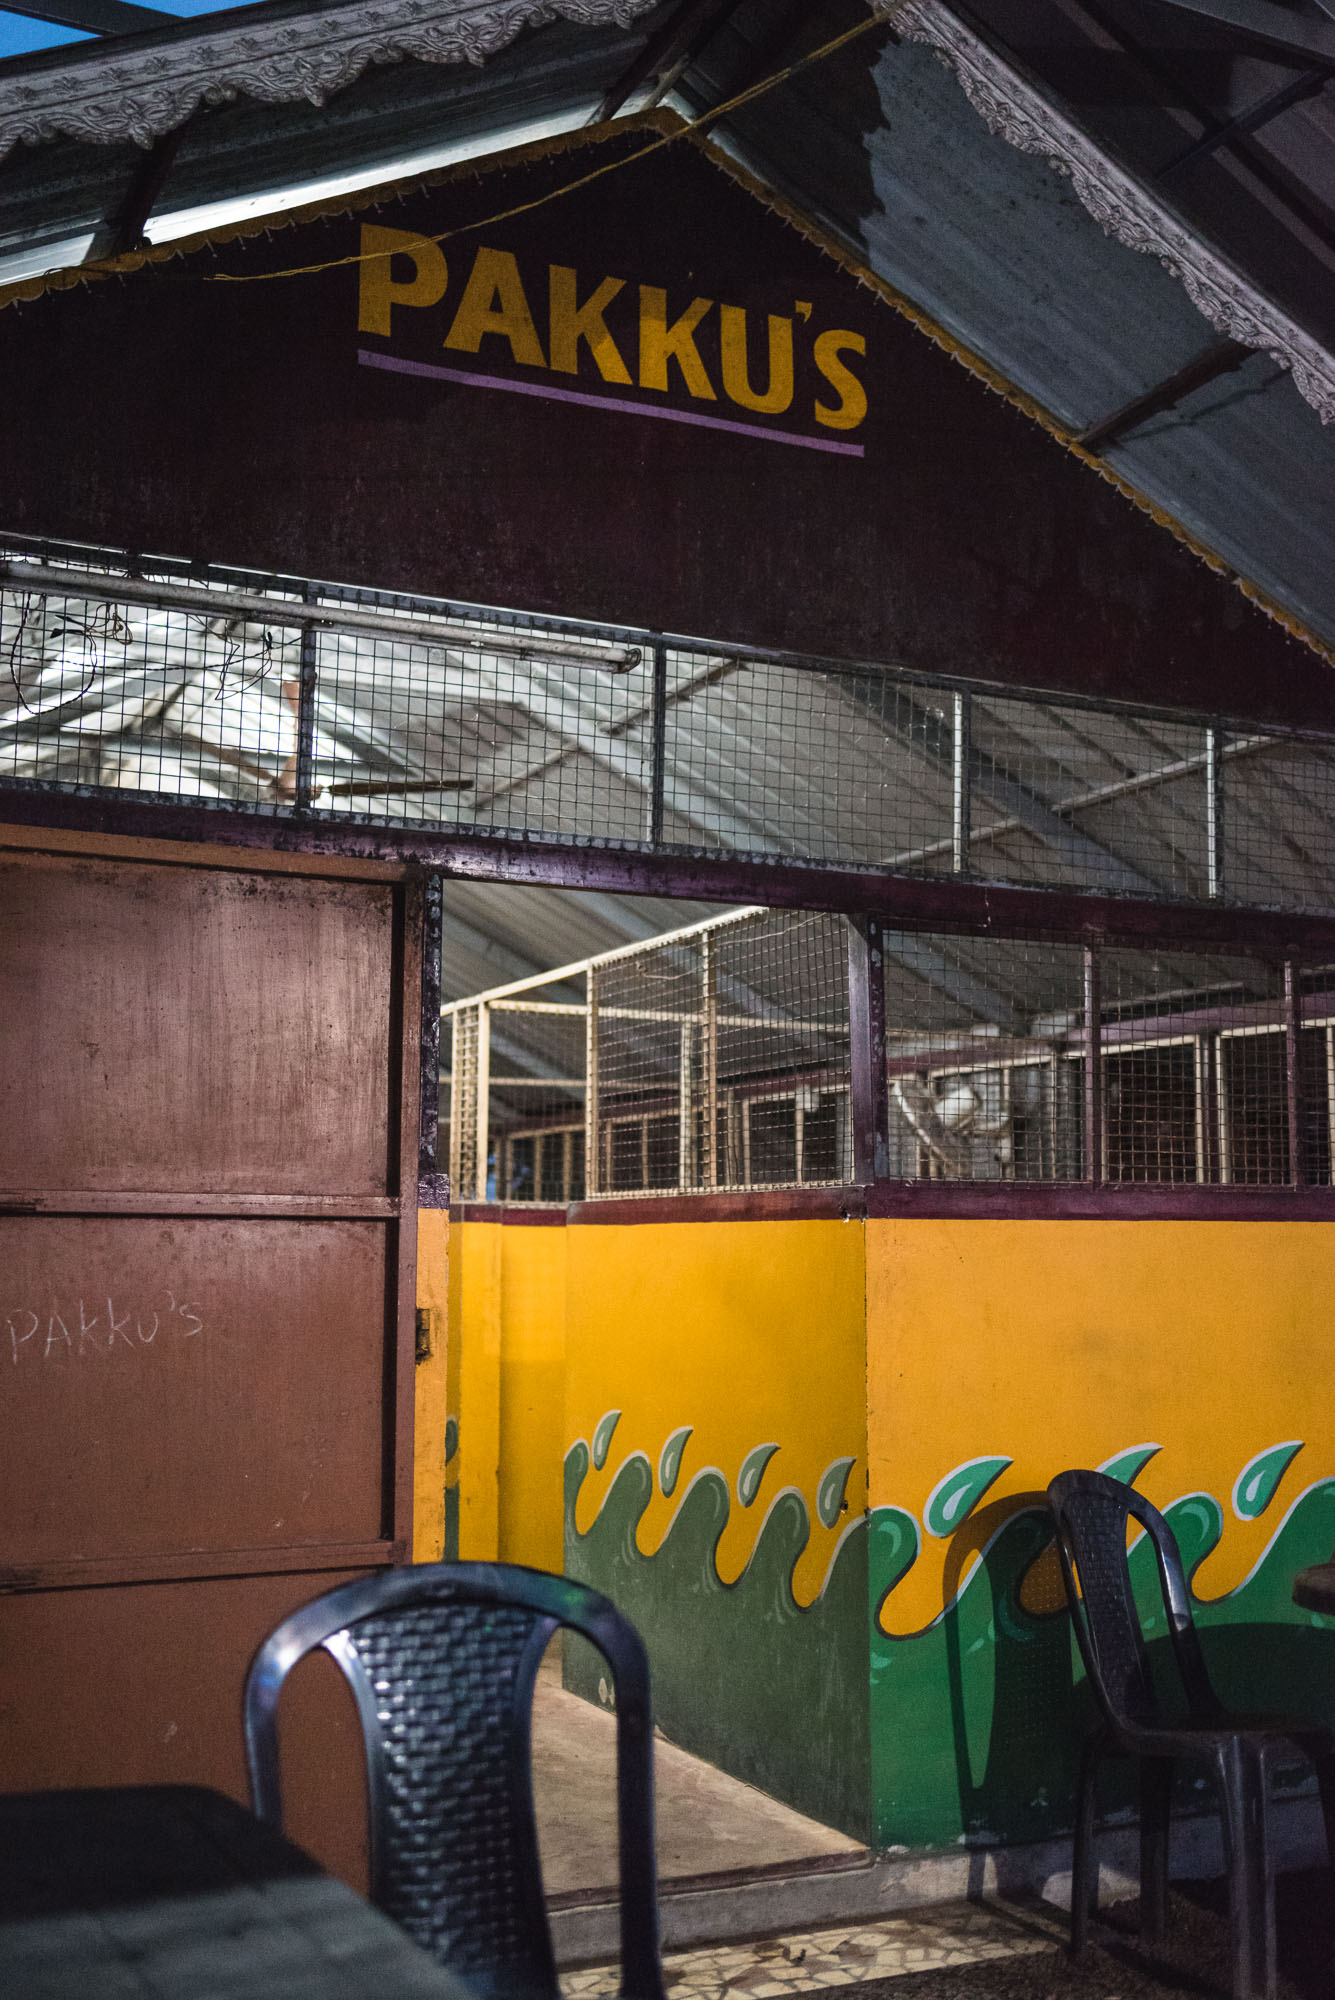 Pakku's Toddy Shop